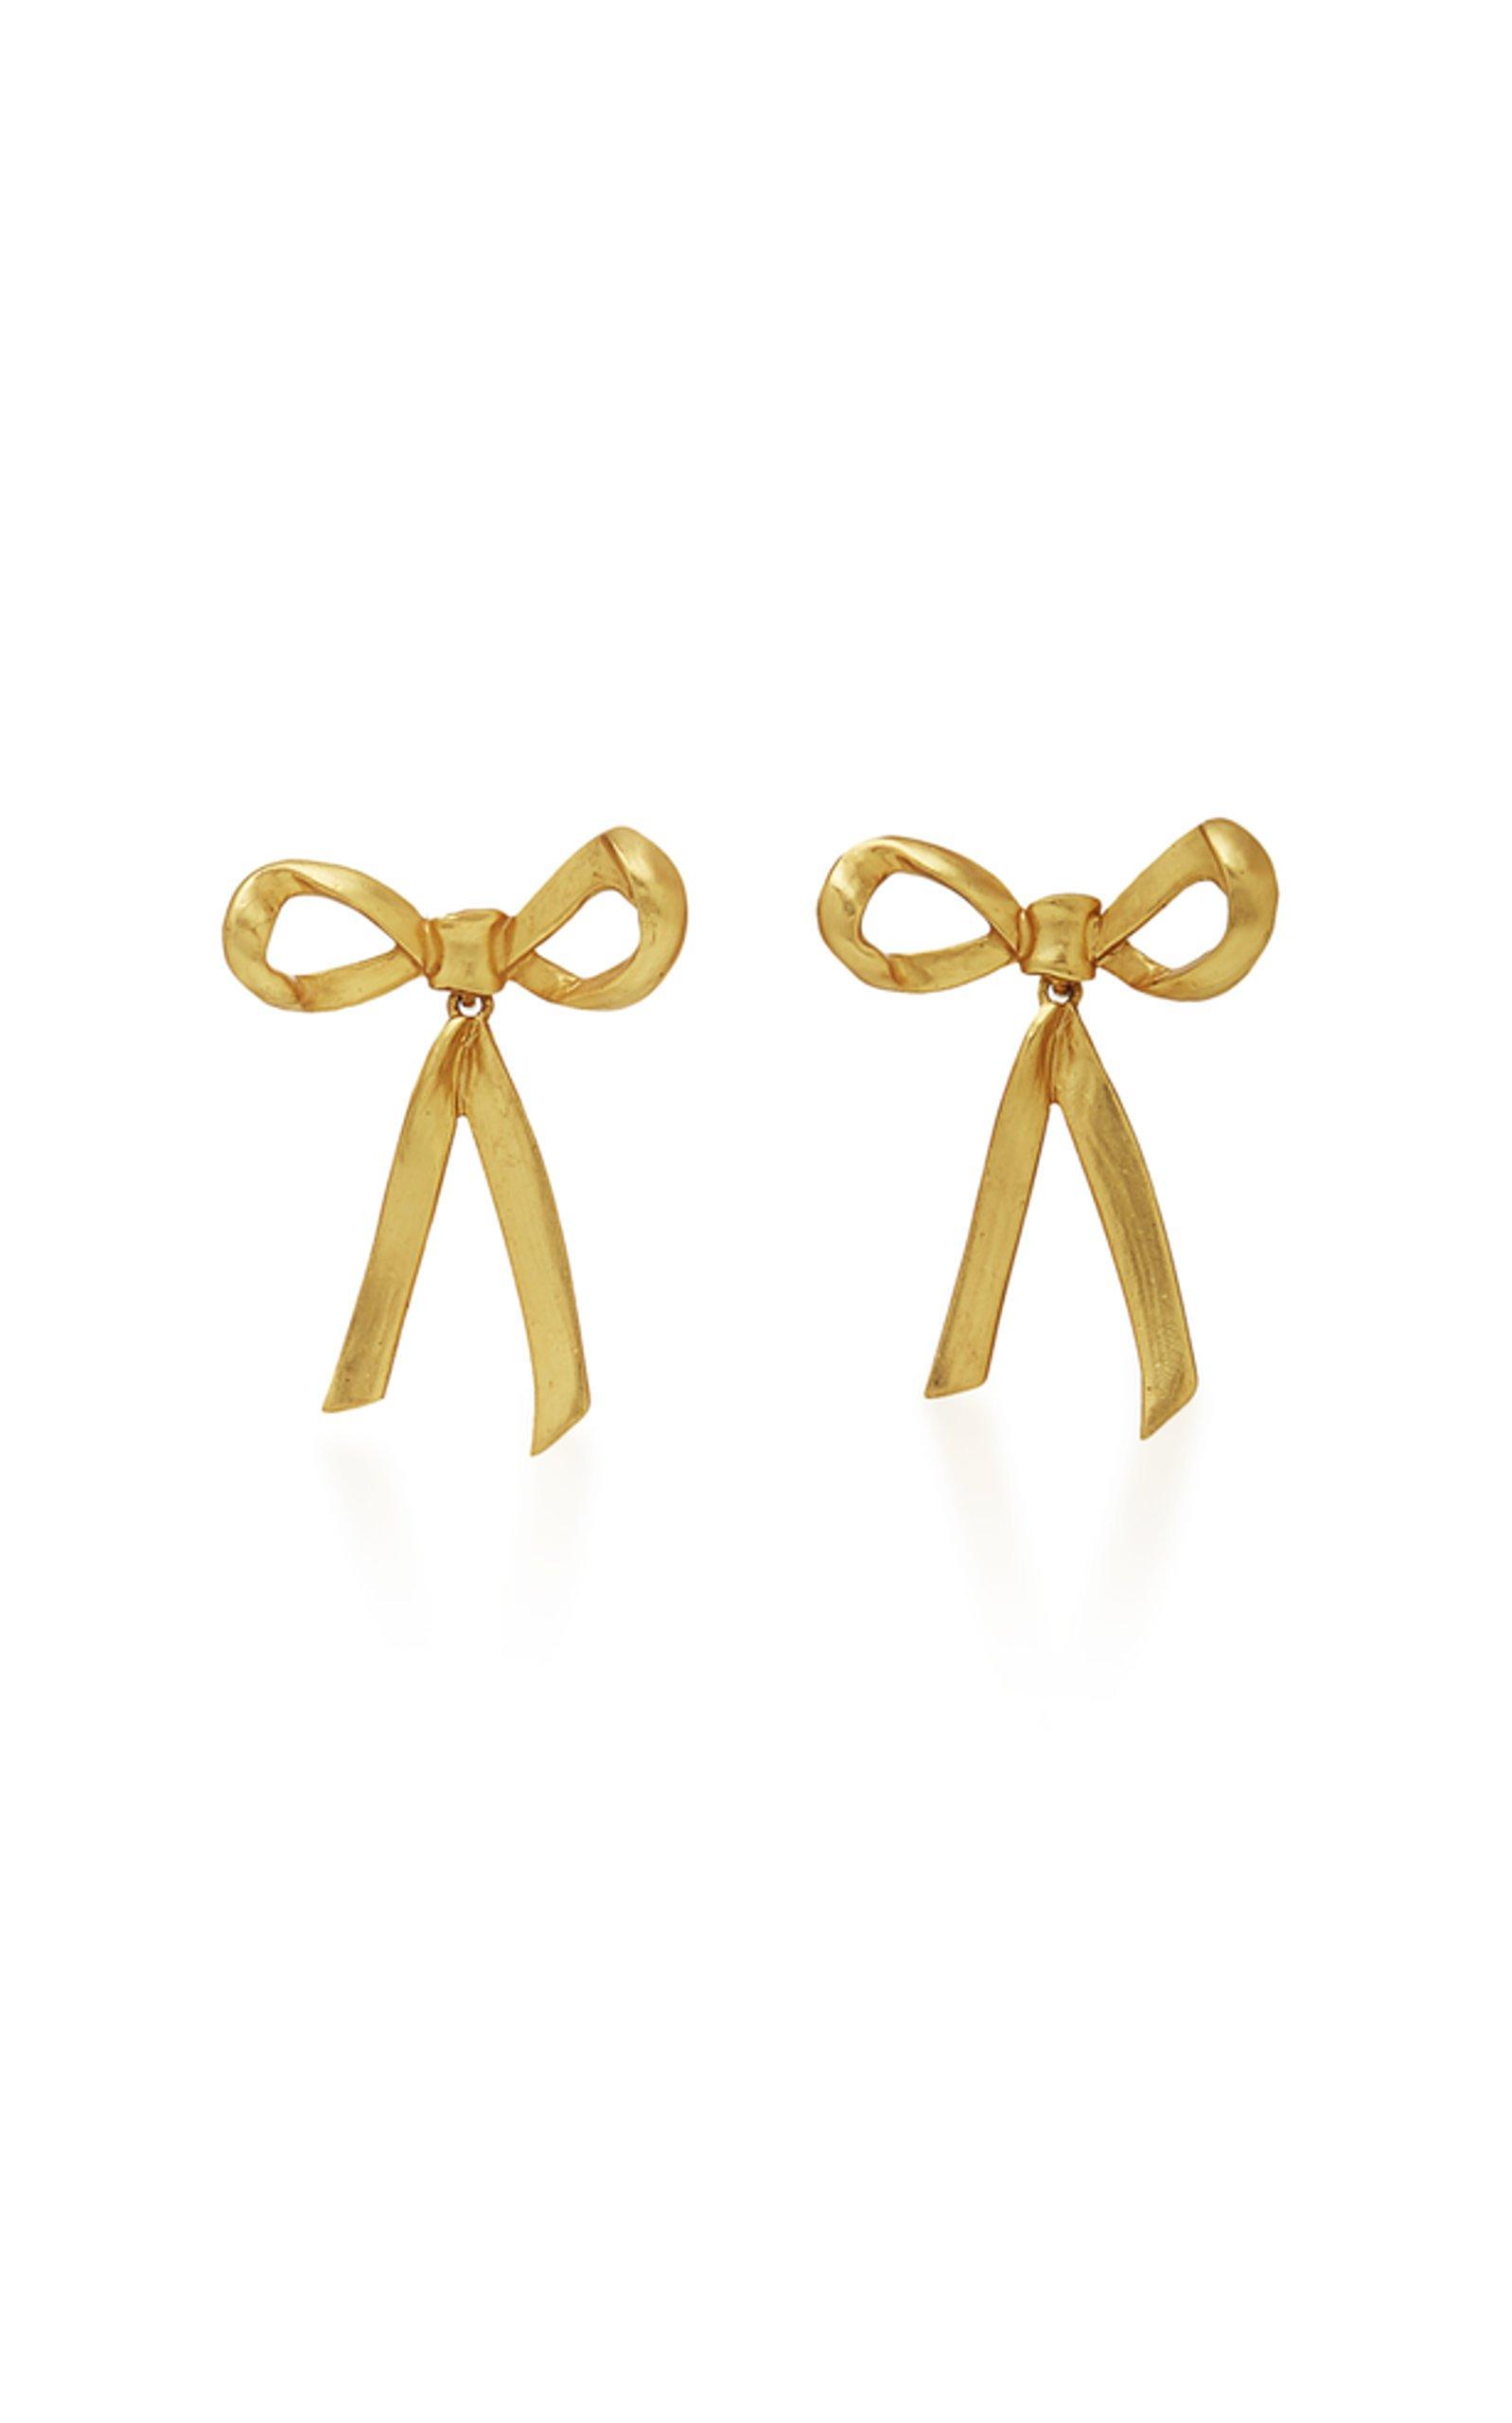 Metal Bow Earrings by Oscar de la Renta | Moda Operandi